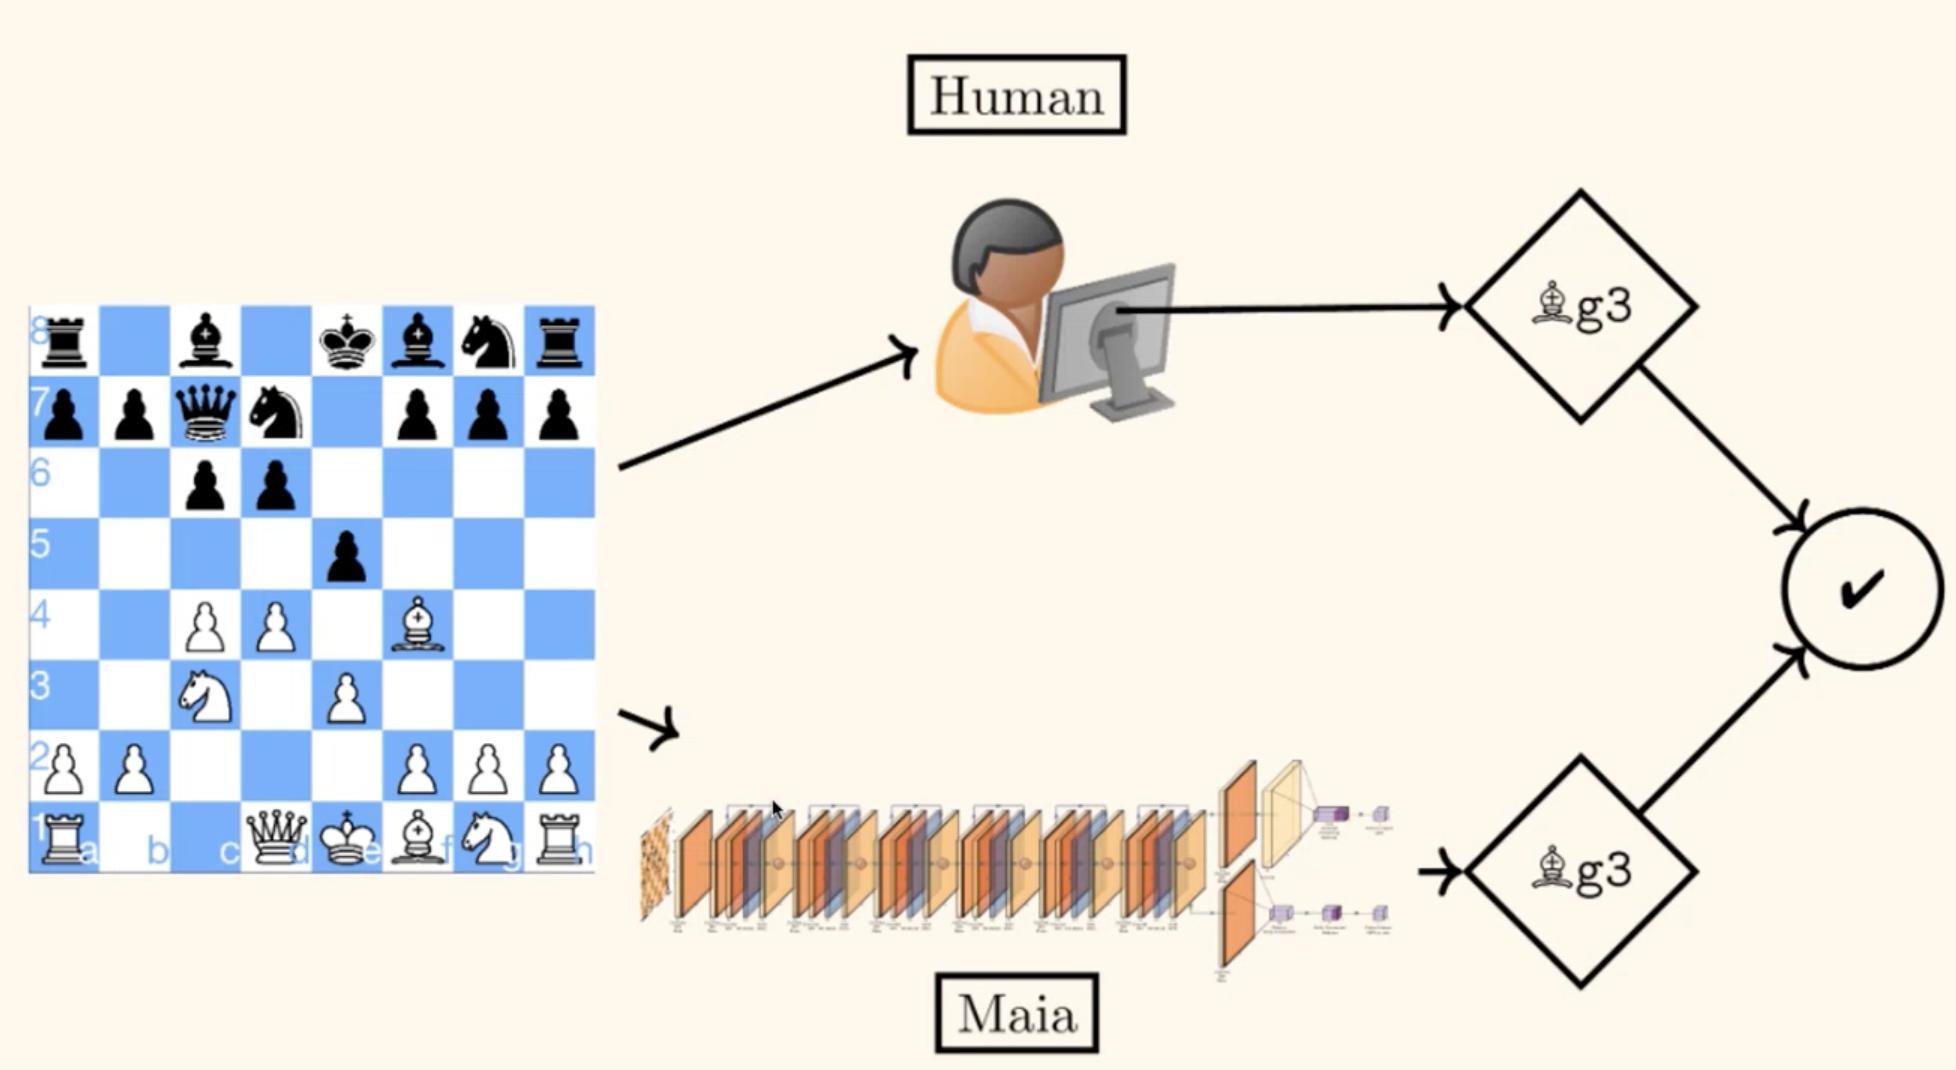 Une IA anticipant le comportement humain pour l'aider à corriger ses erreurs